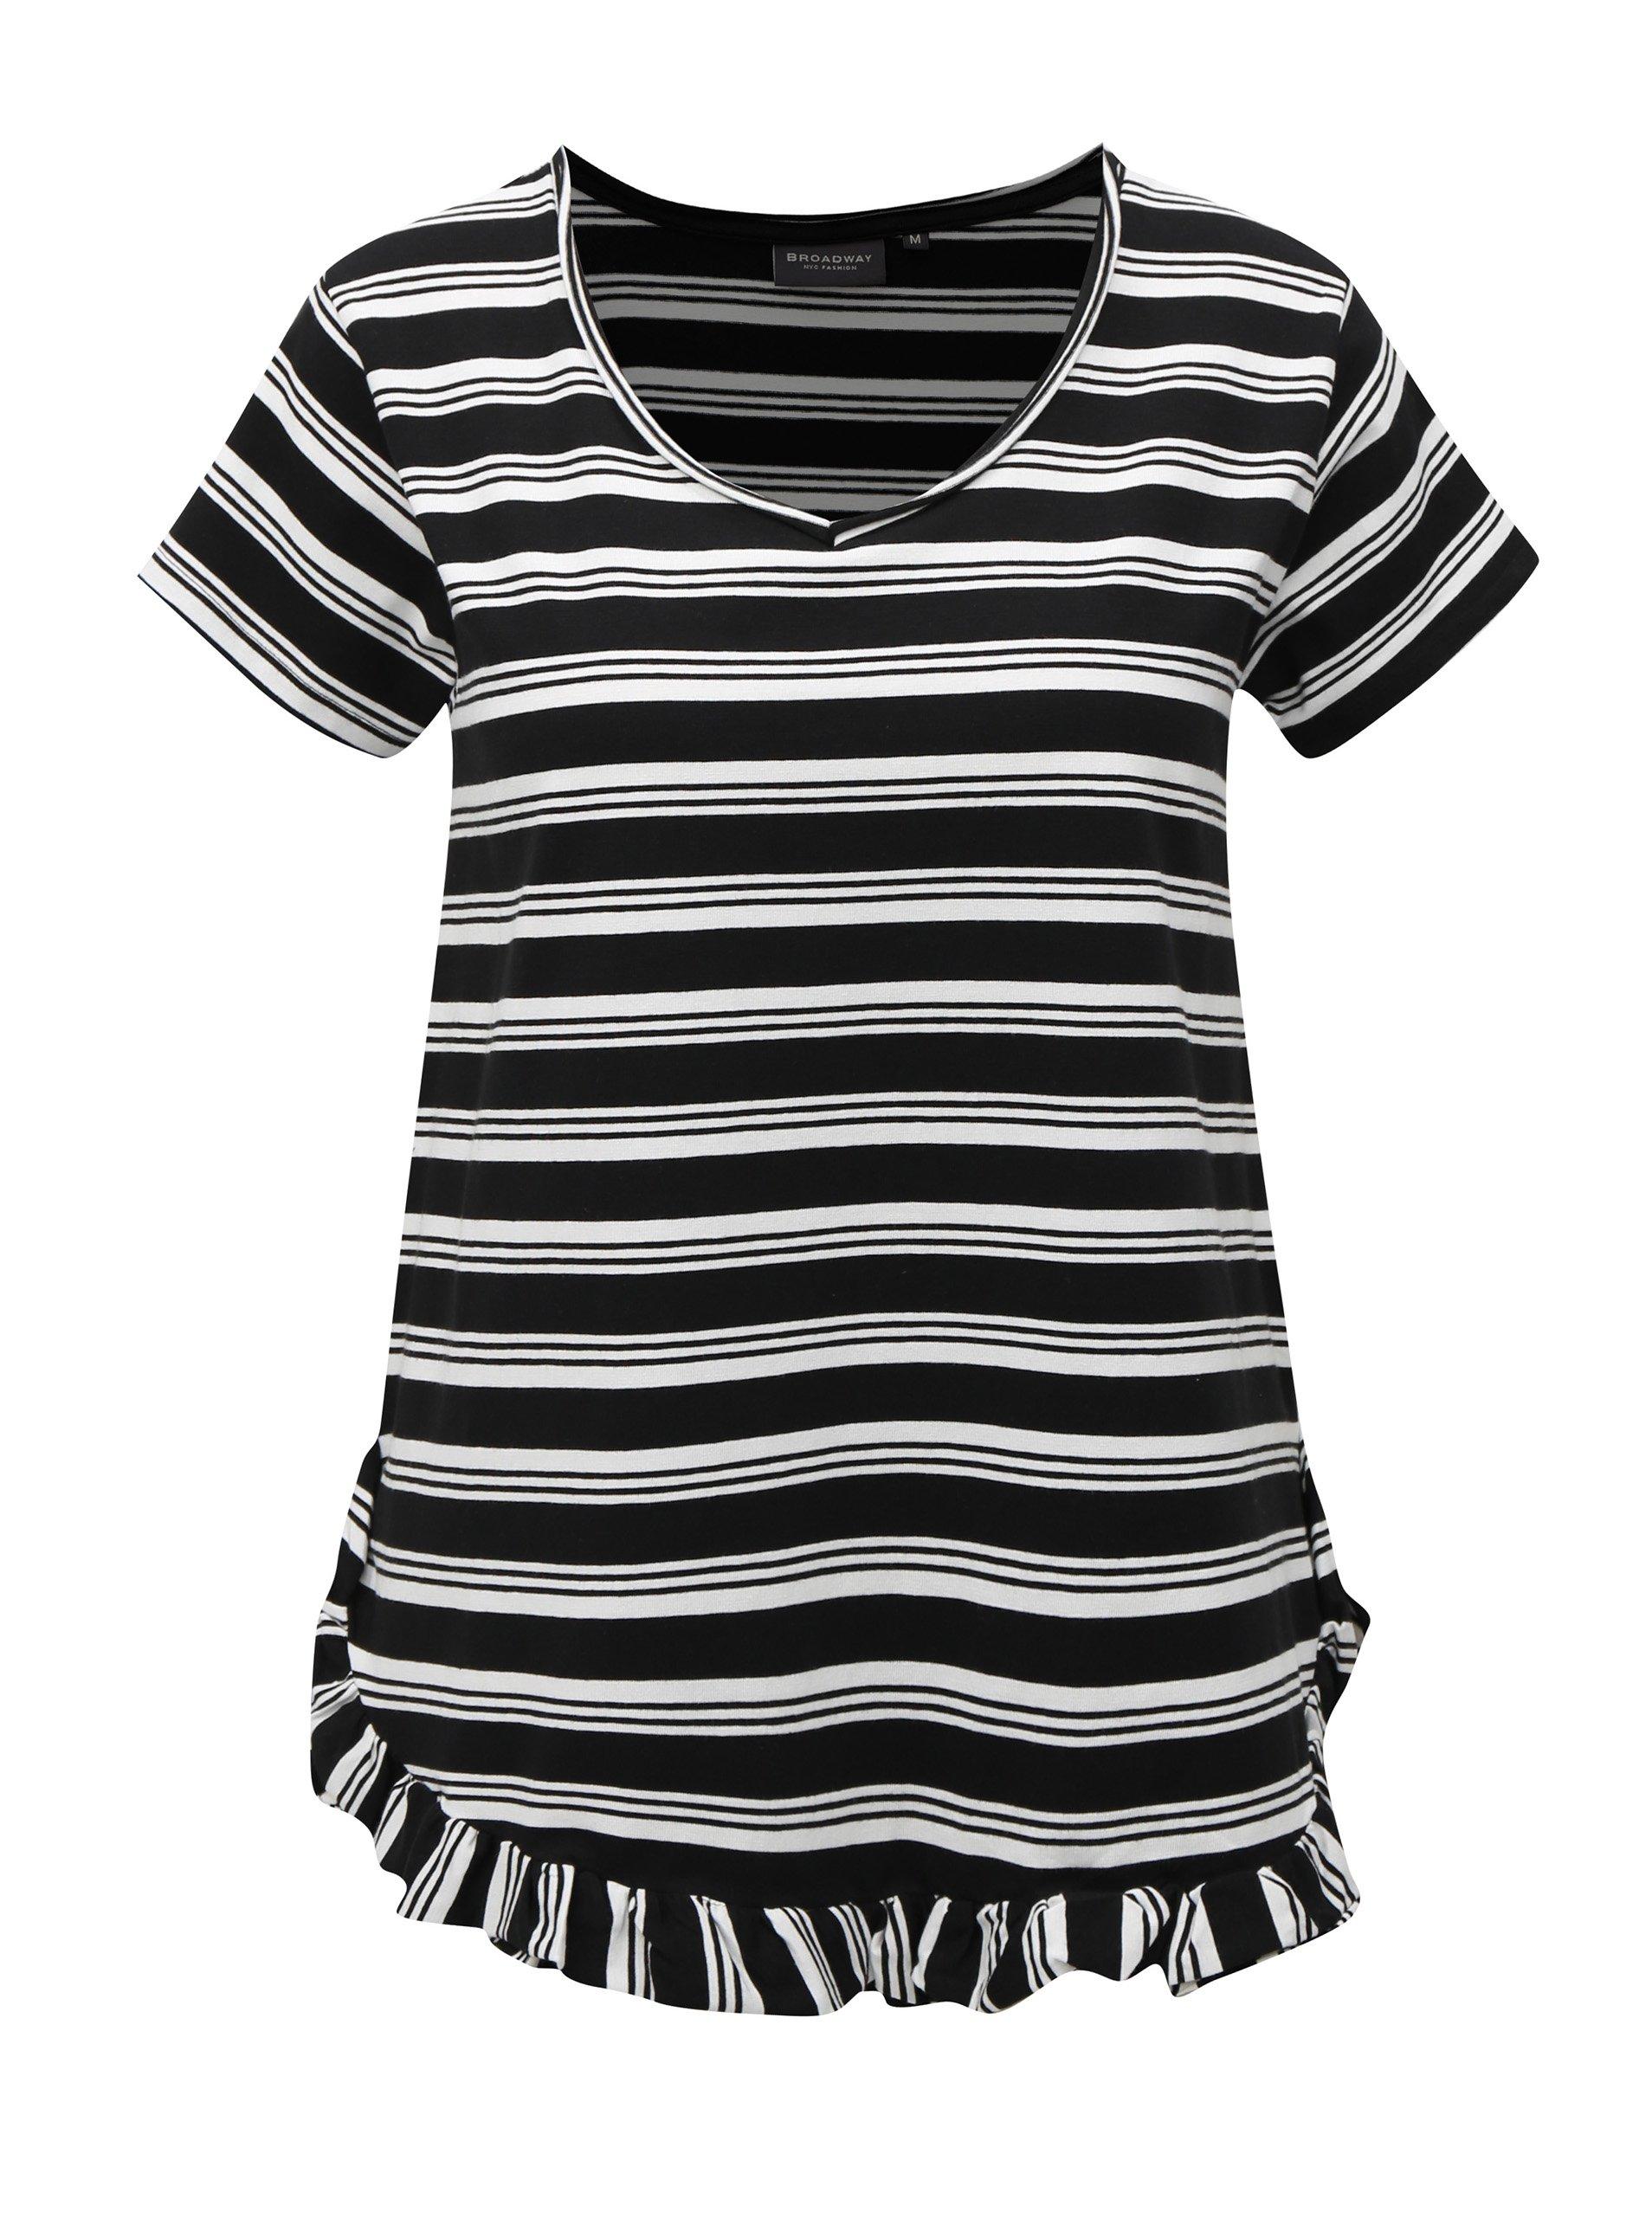 Bielo-čierne pruhované tričko s volánom Broadway Darian